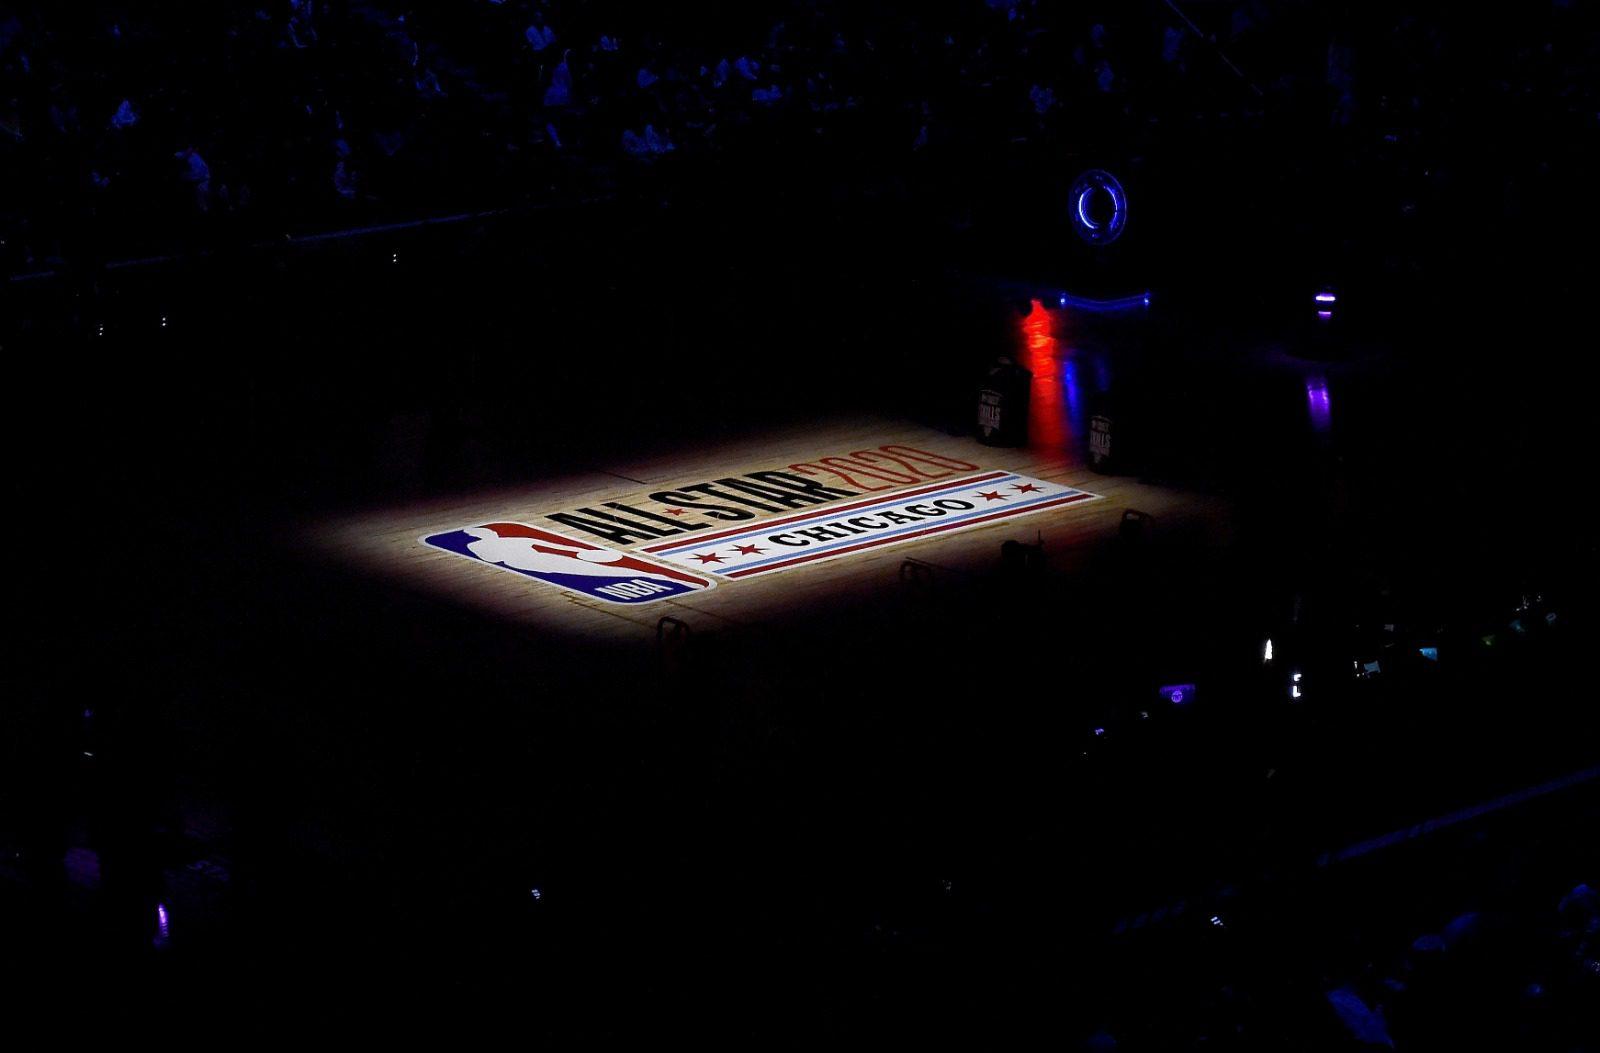 No habrá All-Star 2021 en la nueva temporada de la NBA, algo que no pasaba desde 1999